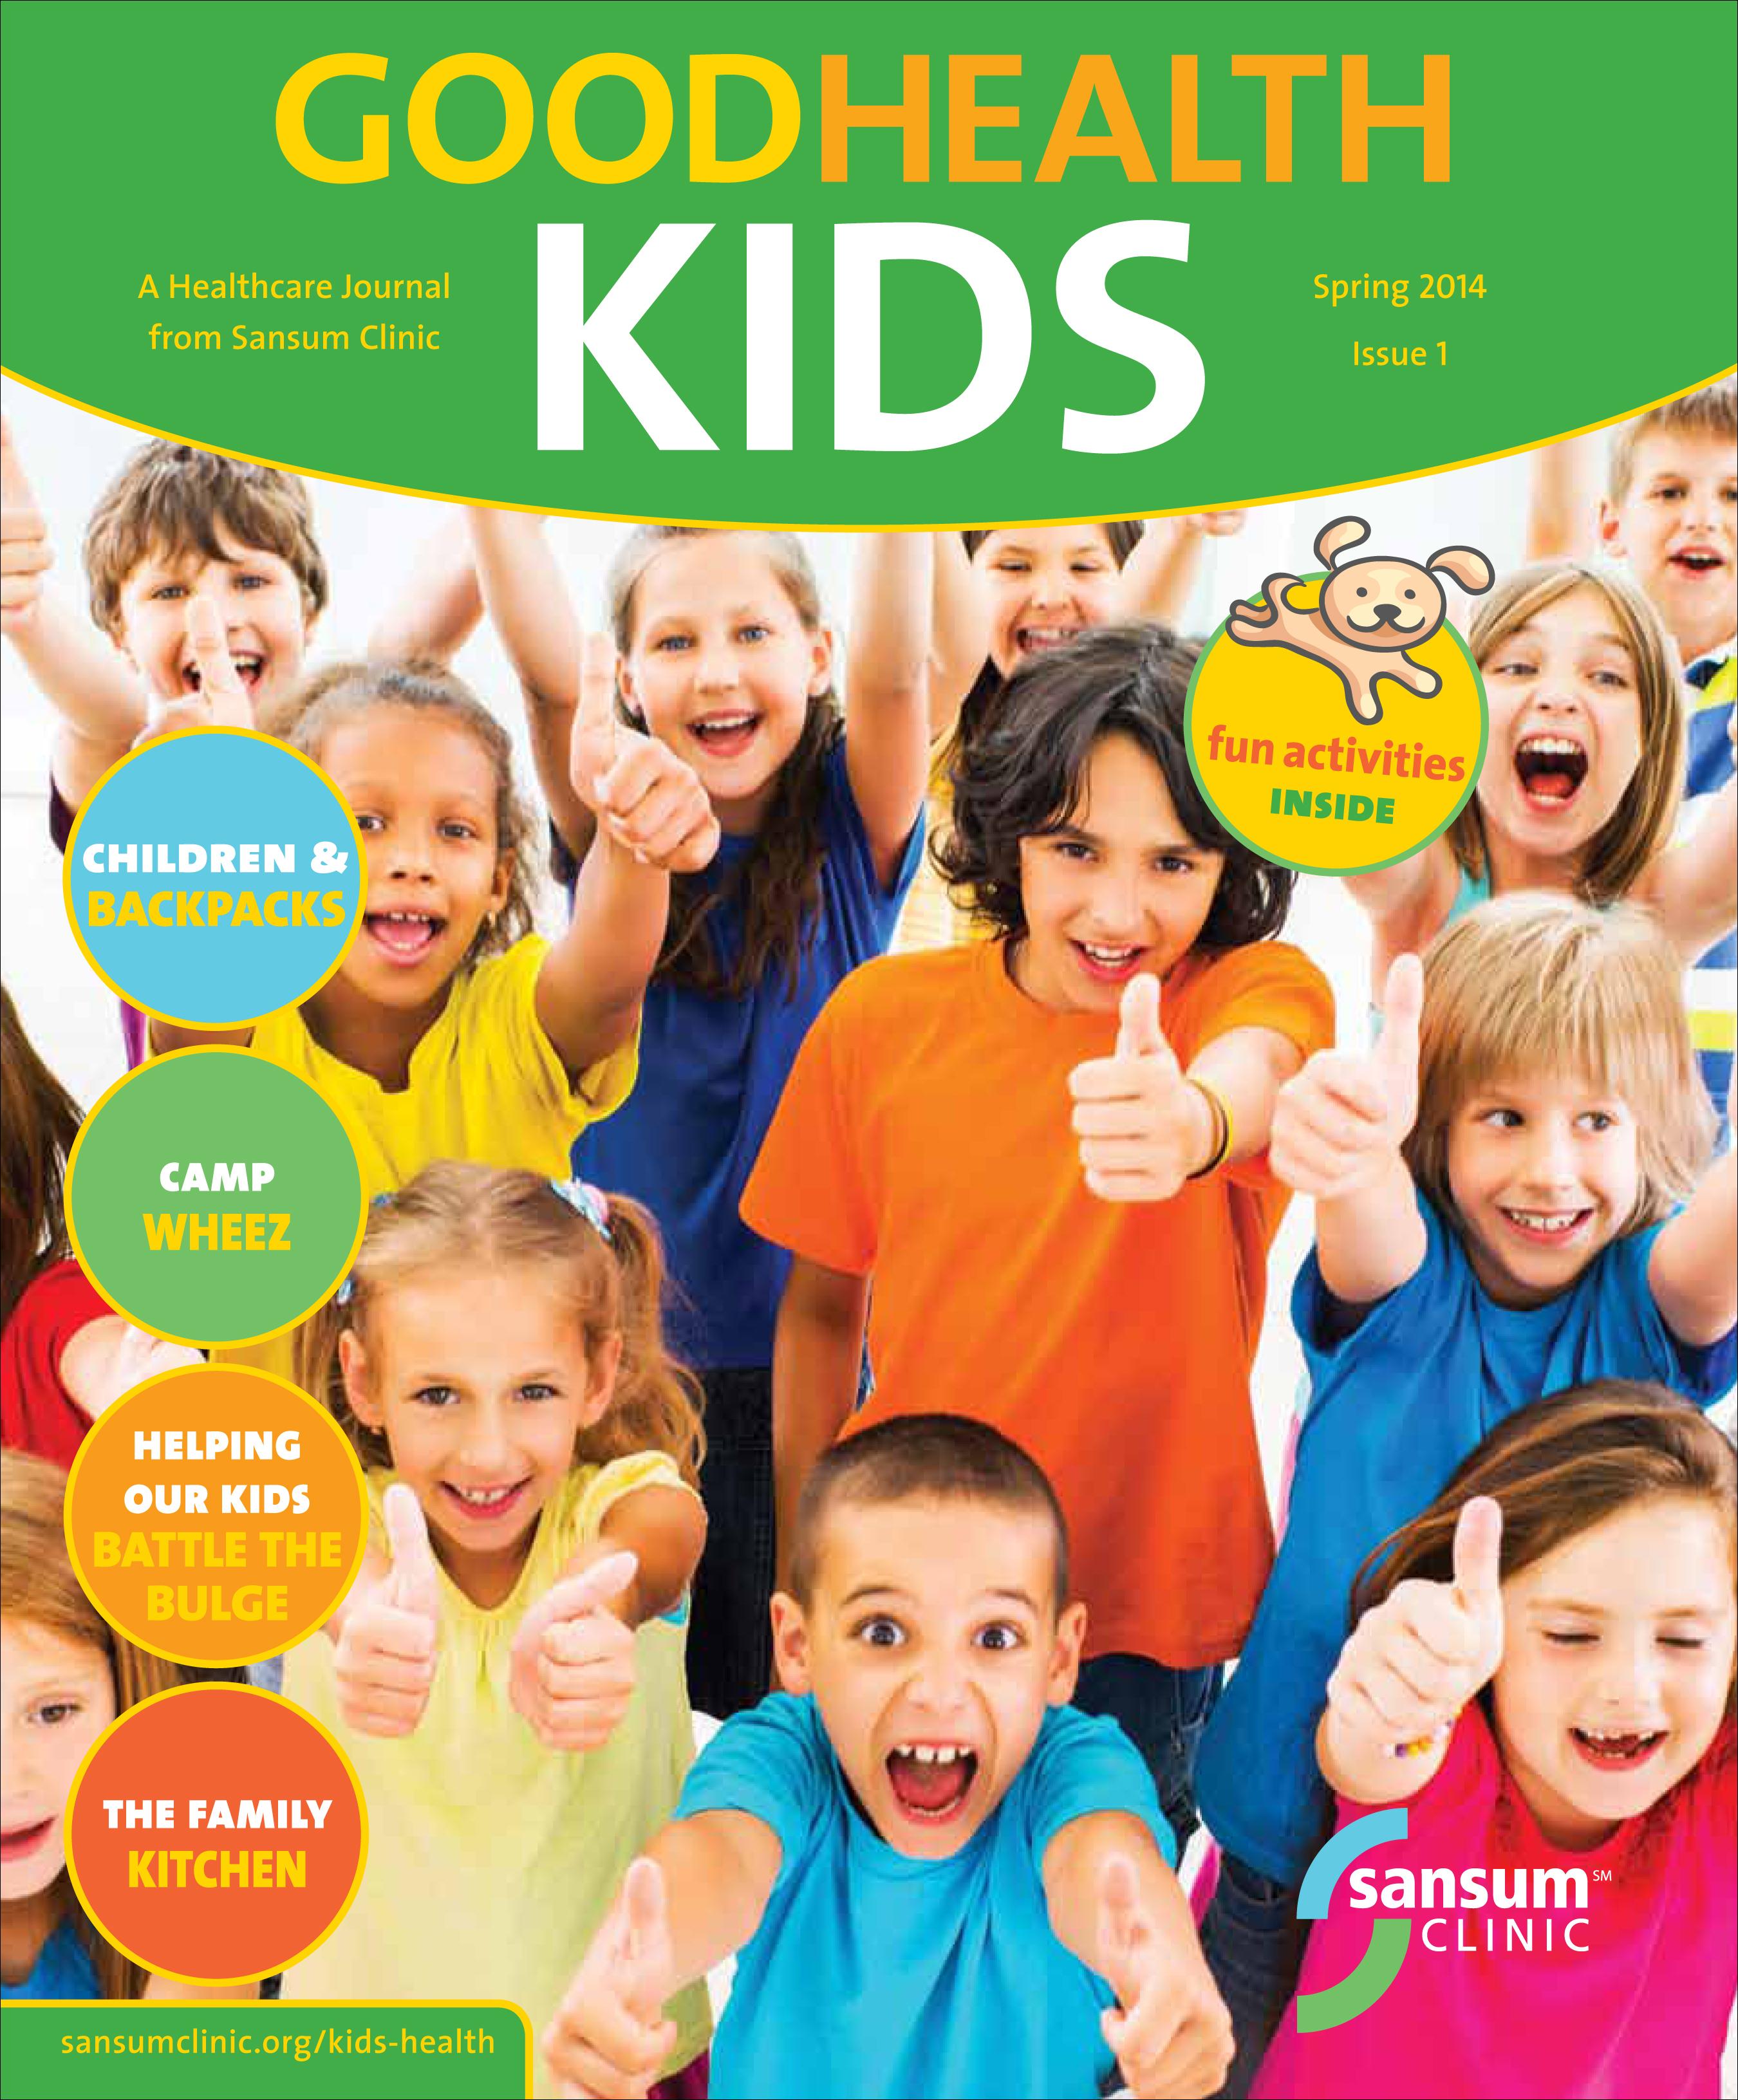 Children S Health: GoodHealth Kids Magazine